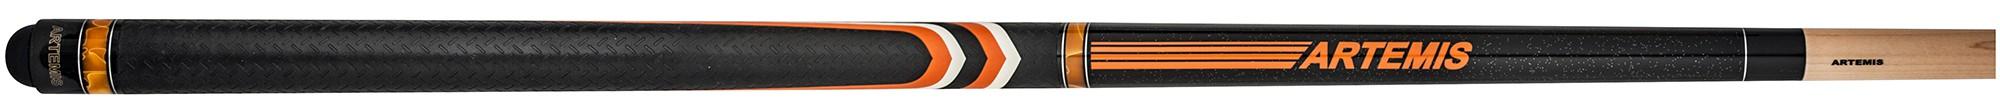 Artemis Nano Sports Orange